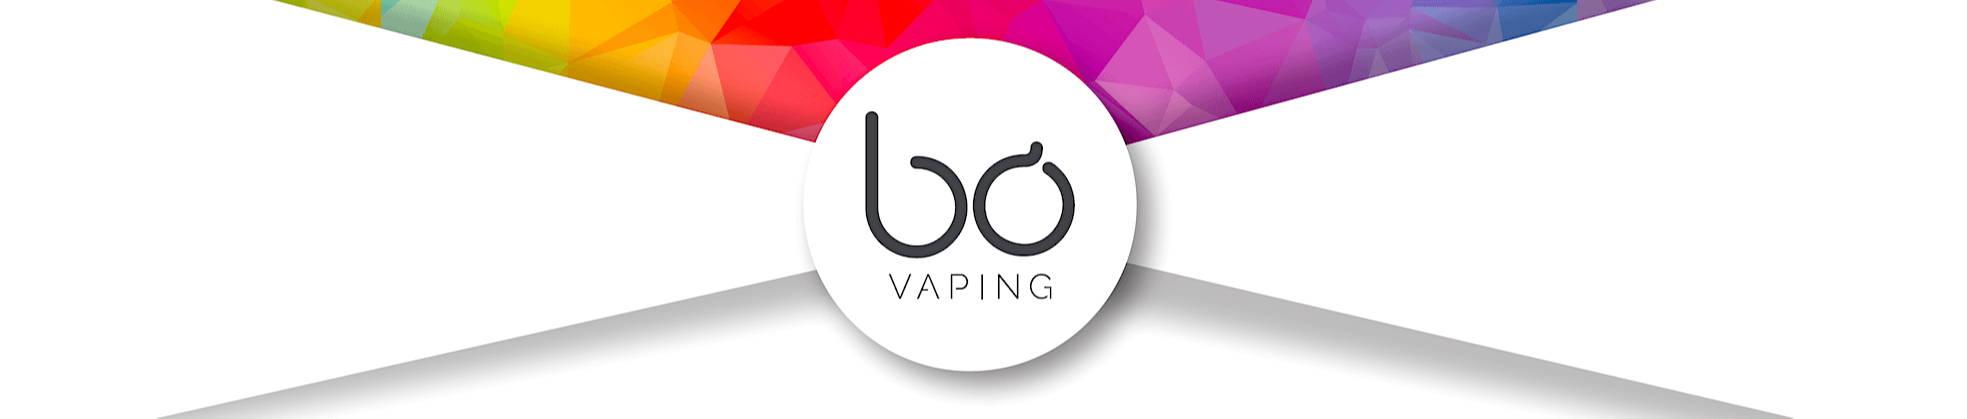 Bo Vape - Bo Vaping & Pods Banner